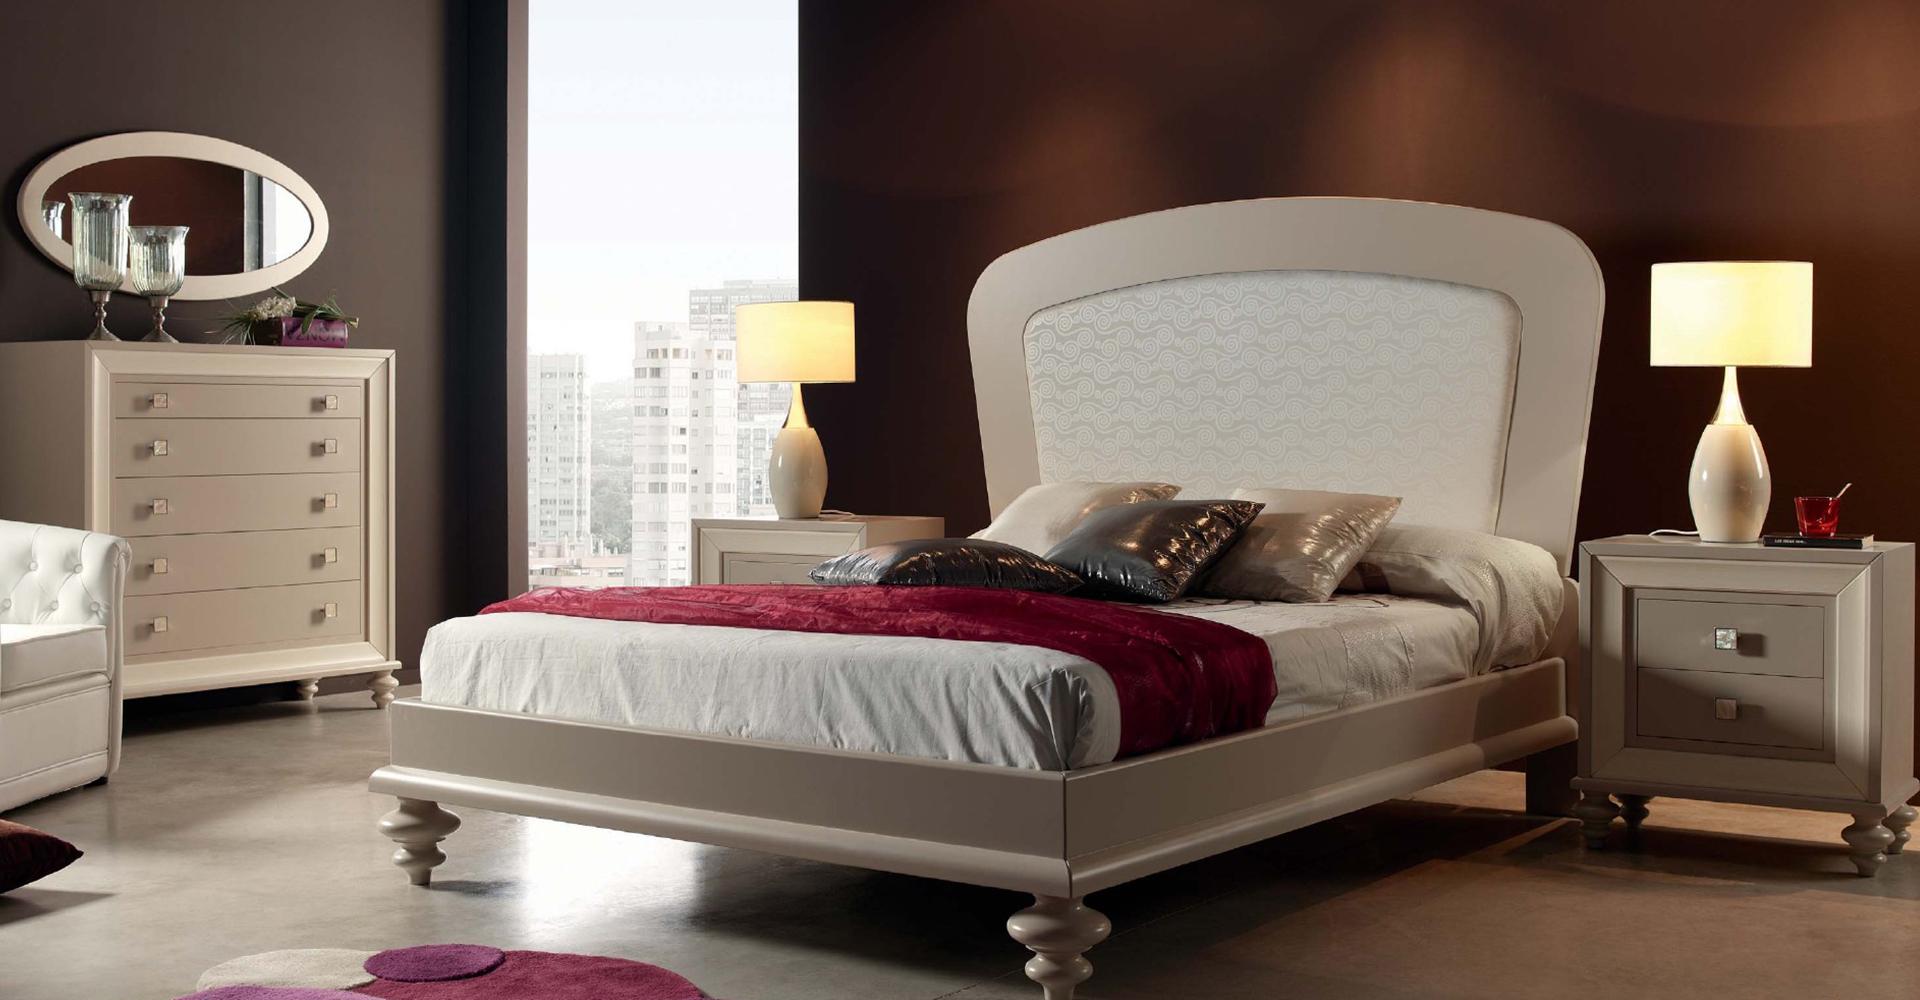 dormitorio de estilo contemporaneo (109)